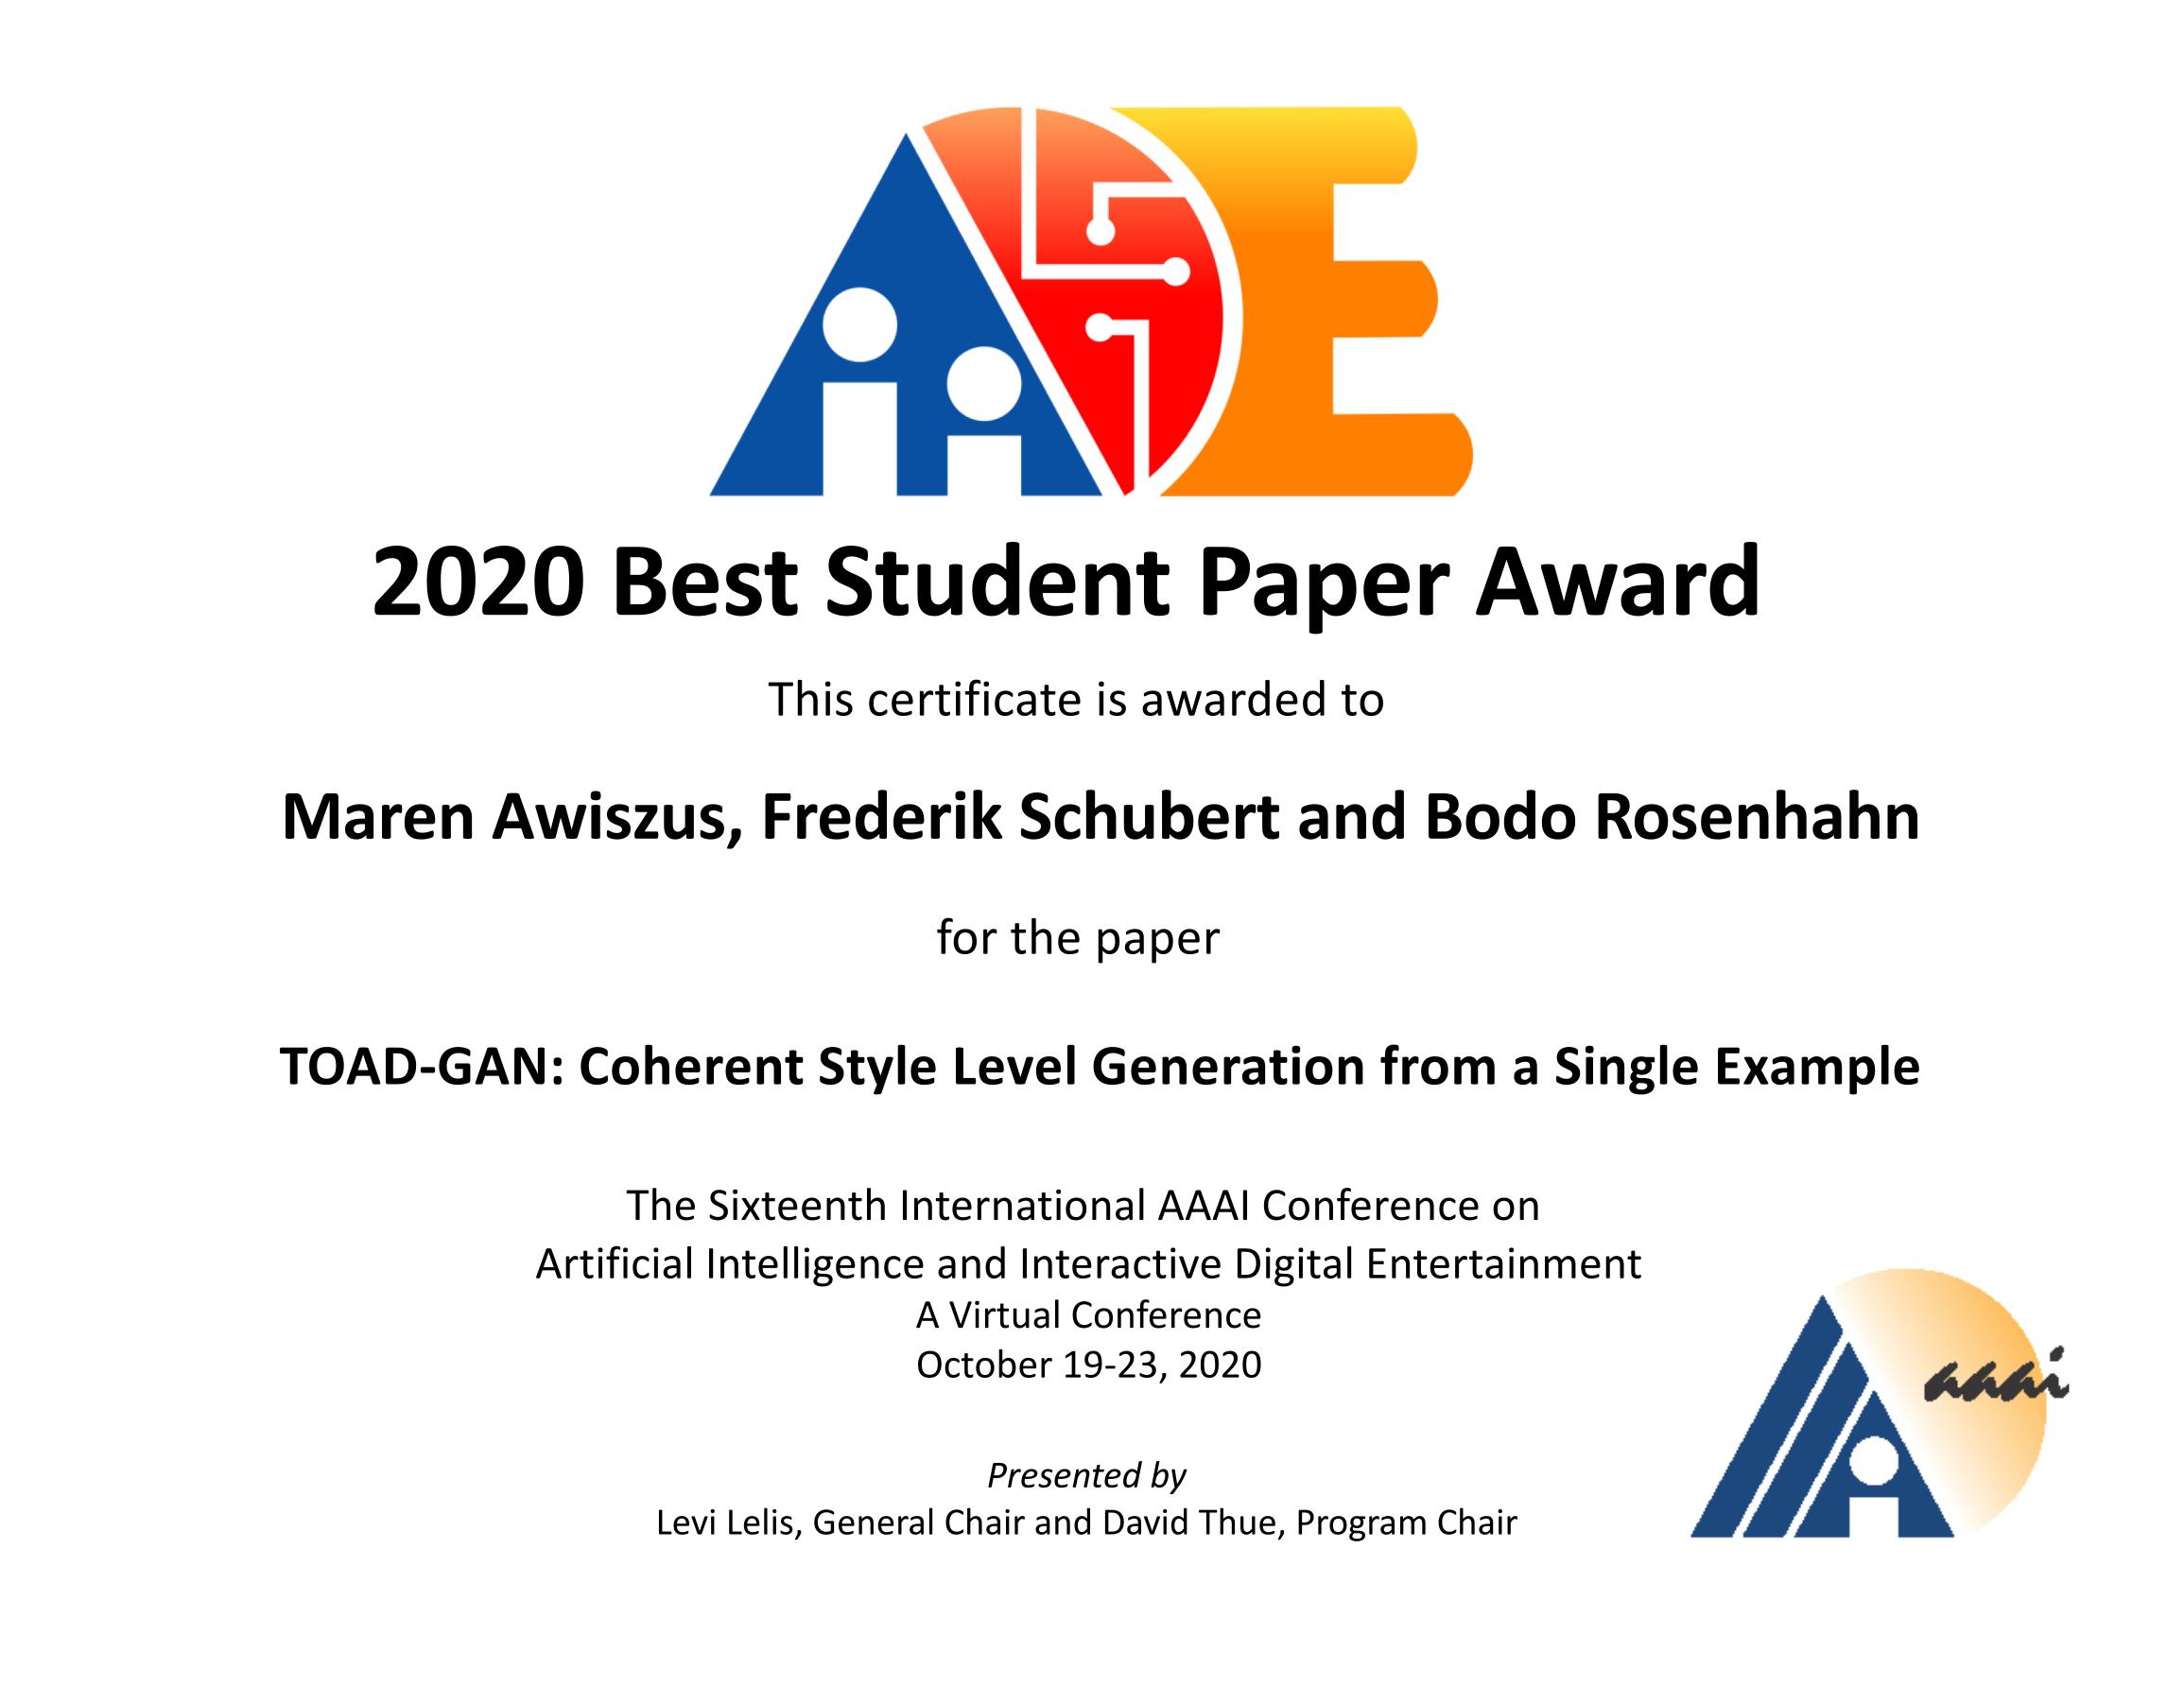 AwardeeMaren Awiszus, Frederik Schubert and Bodo Rosenhahn